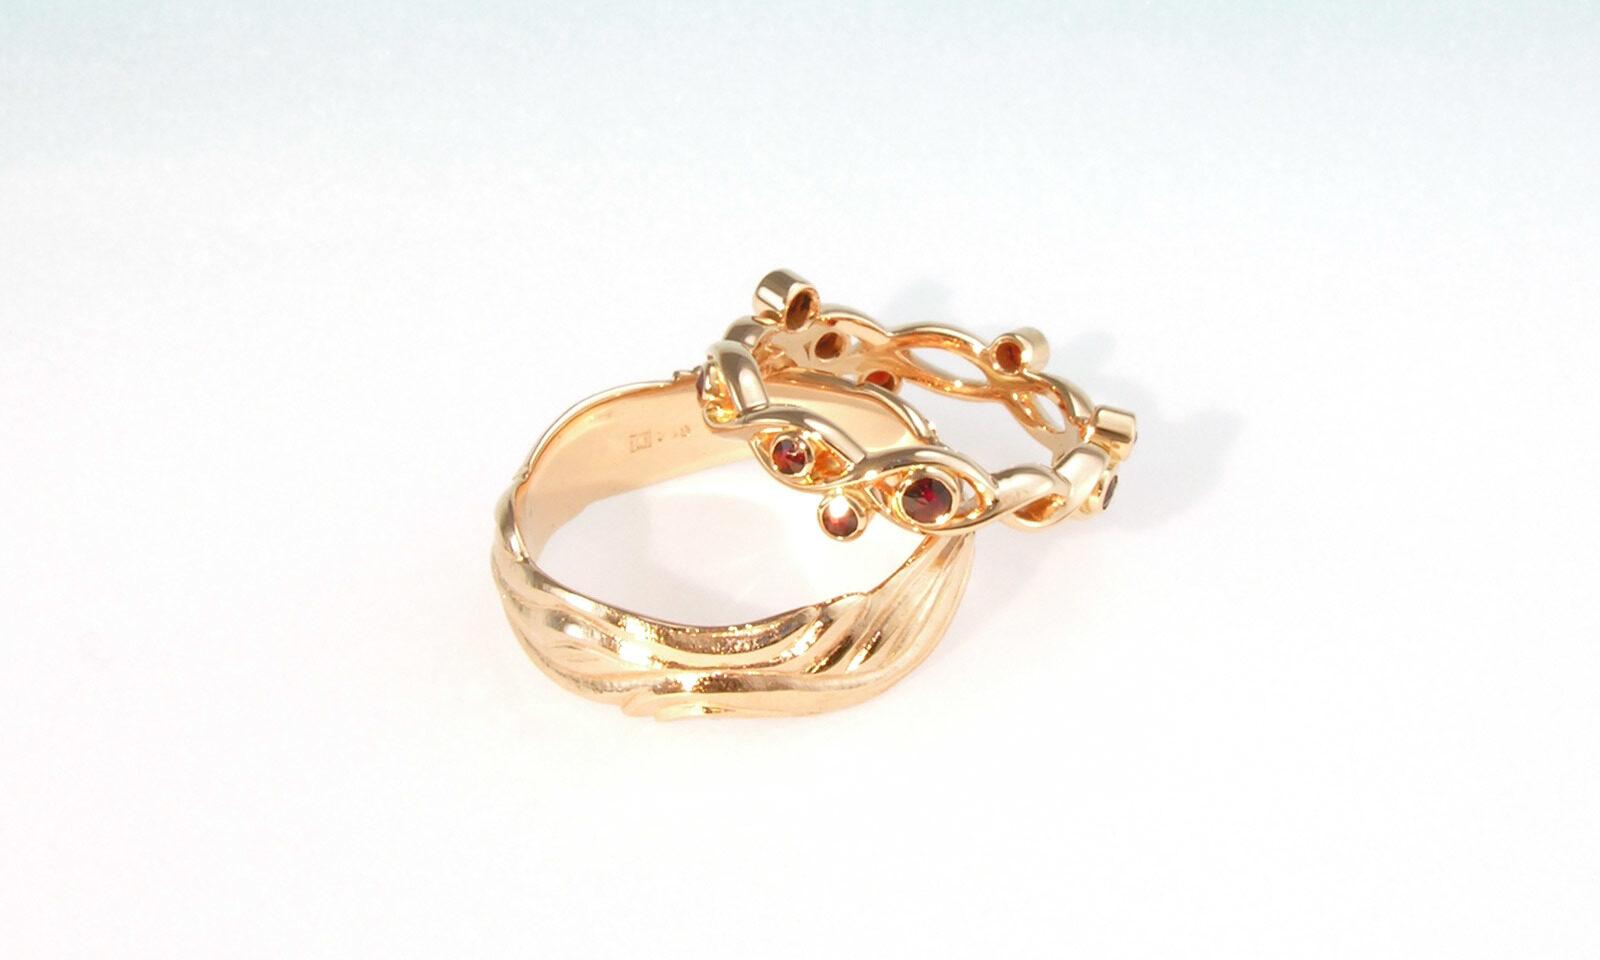 Rotgold Granat. Eheringe Rotgold mit Granat, individuelle Anfertigung für Kunden